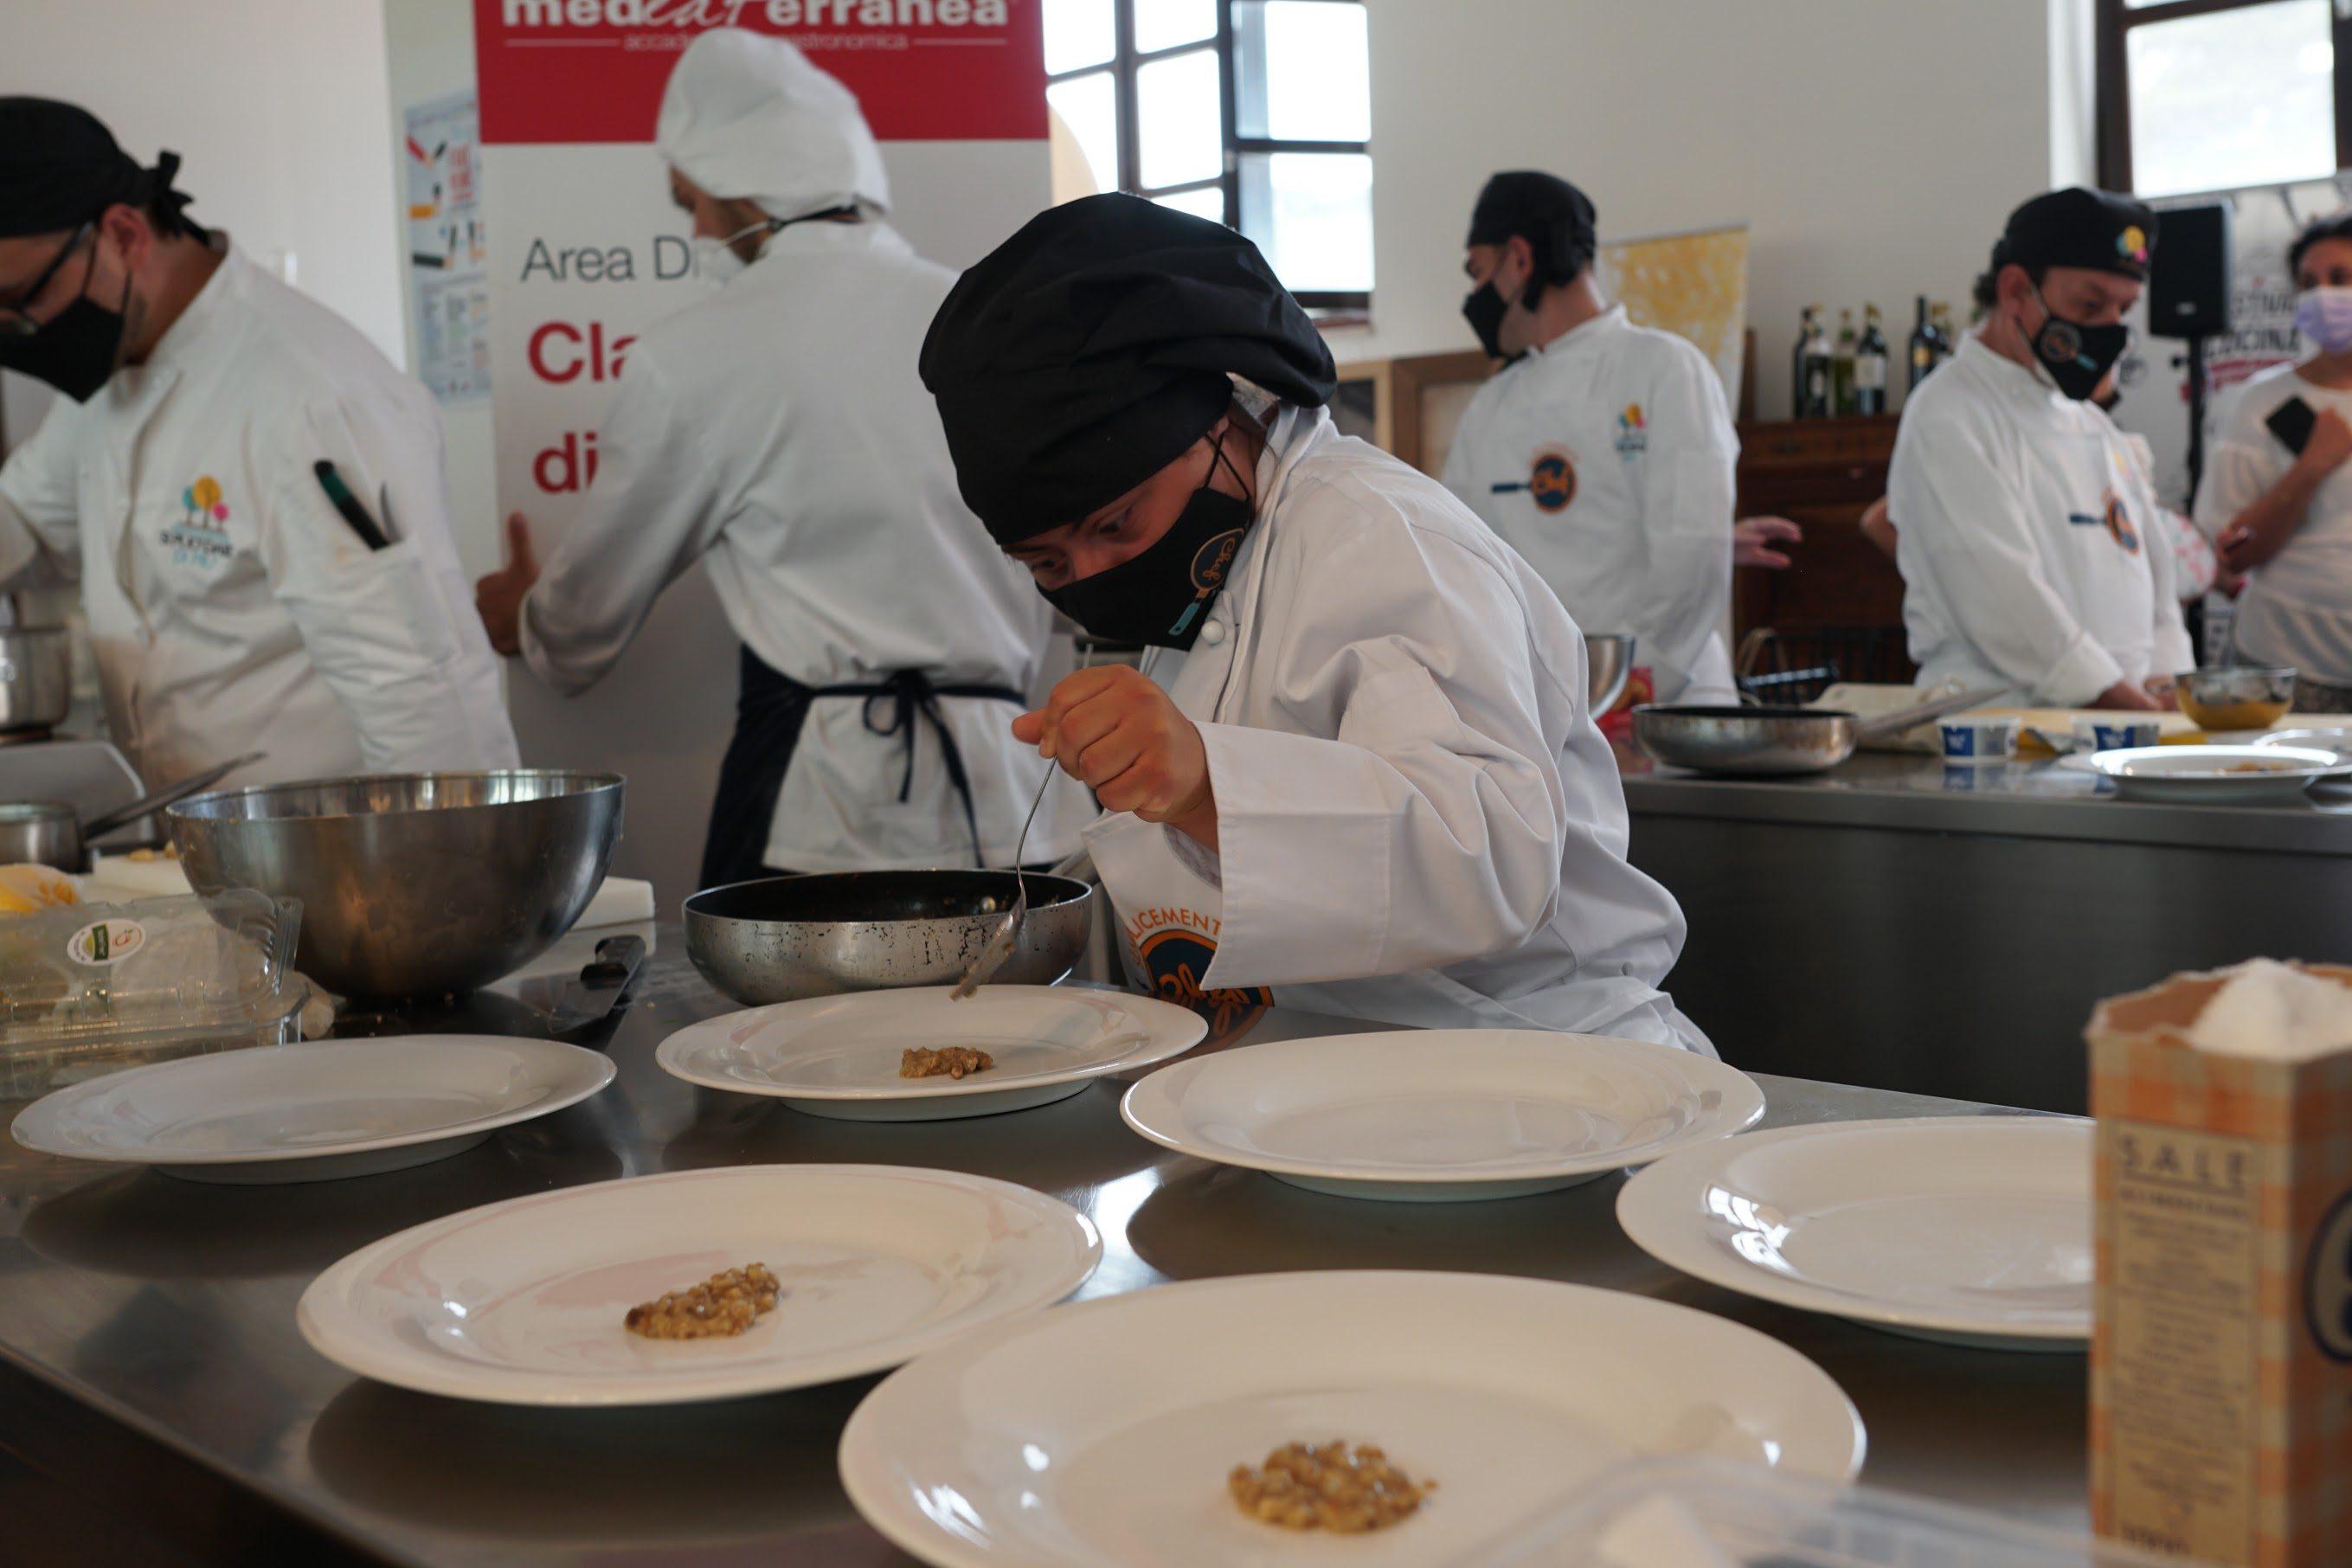 semplicemente-chef-gara-culinaria-inclusione-down